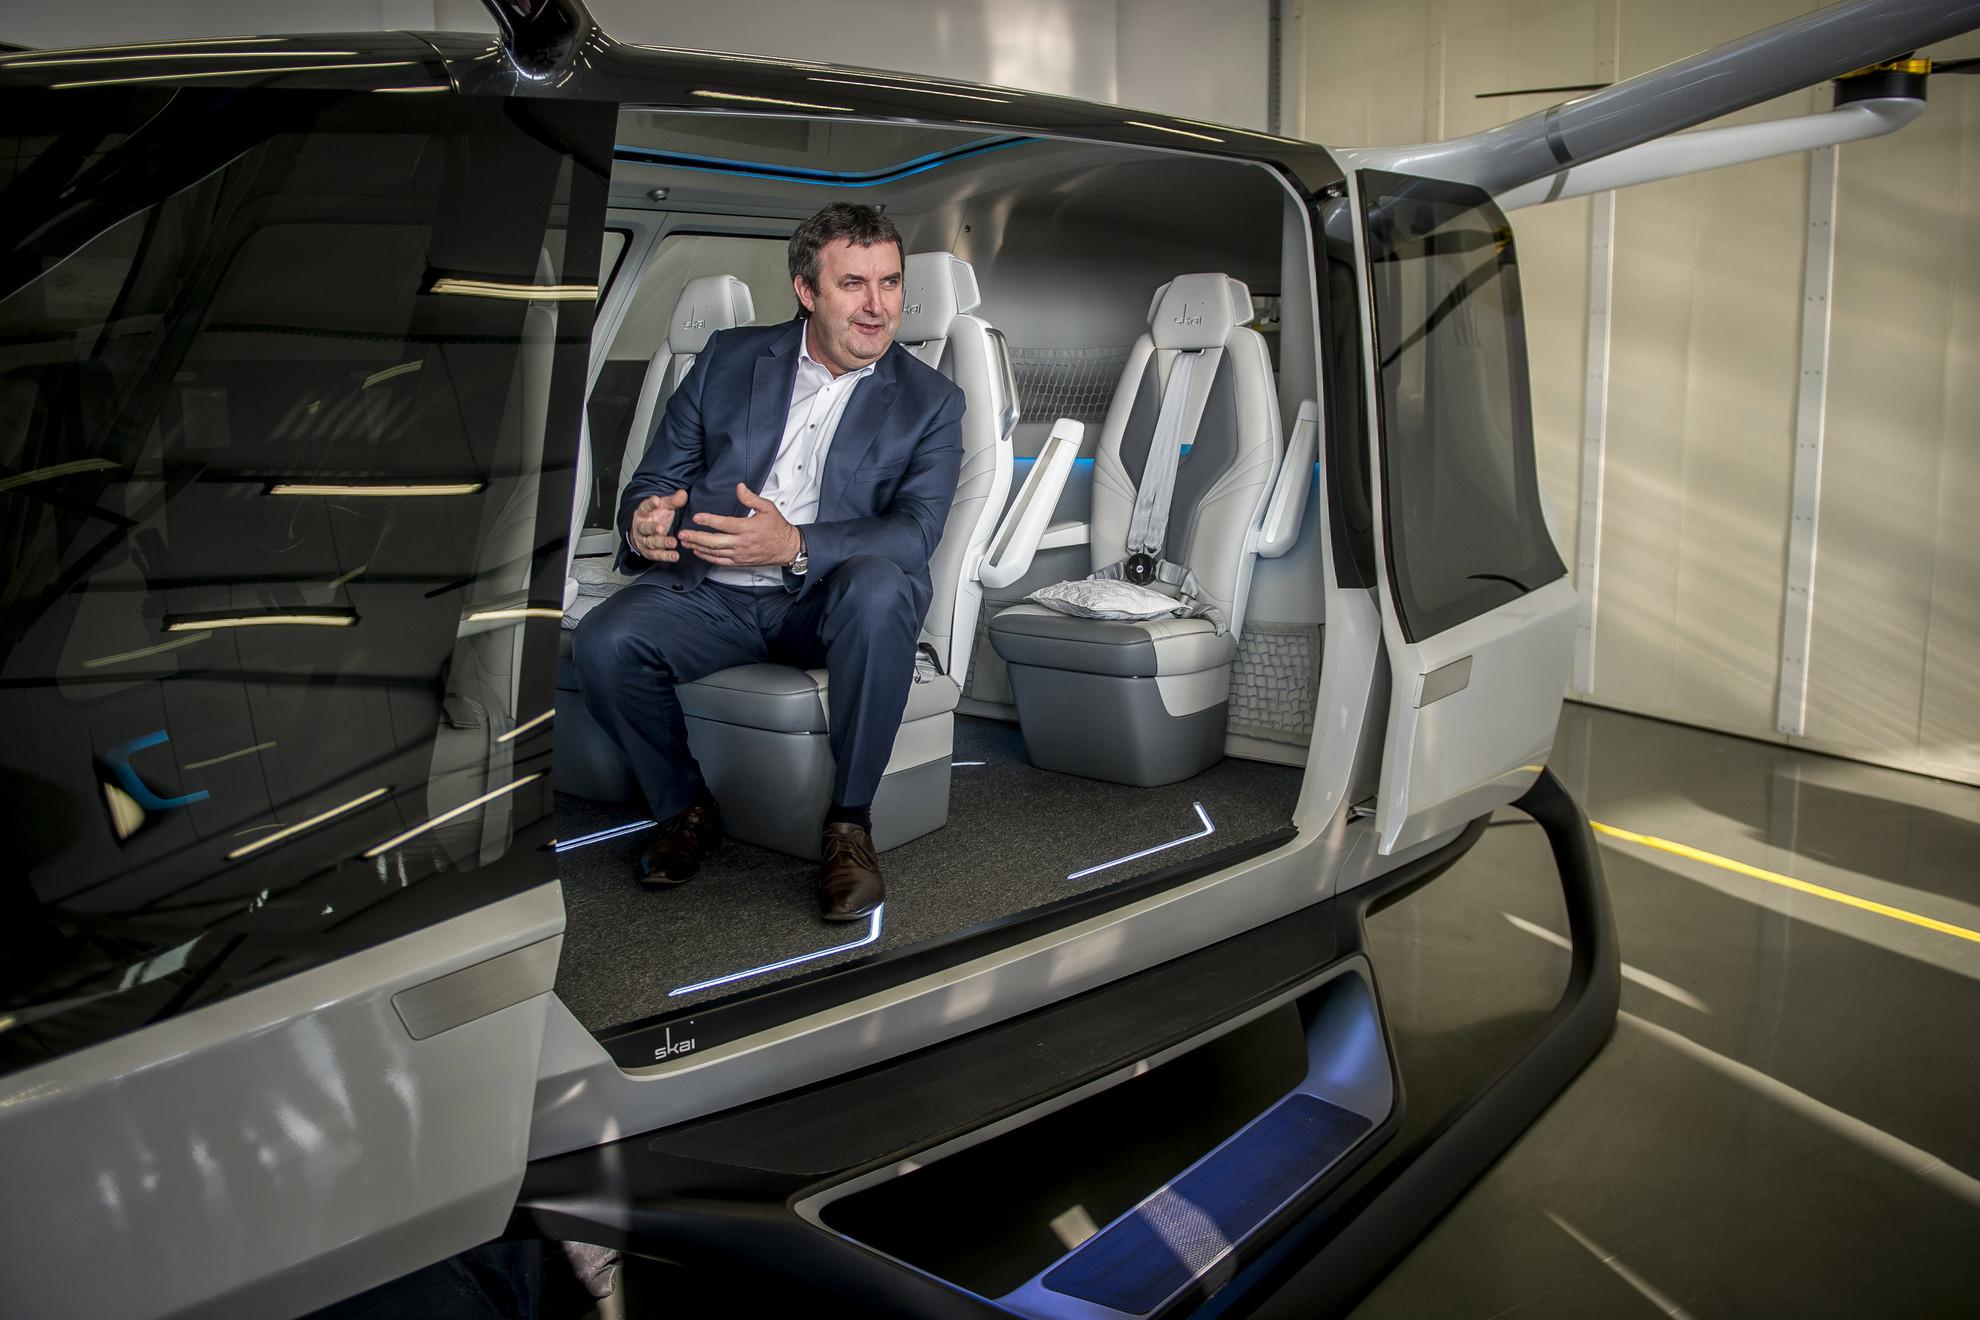 Palkovics László innovációs és technológiai miniszter ül a Genevation Aircraft Kft. hidrogénüzemanyagcella-meghajtású, személyszállításra is alkalmassá tehető, de még fejlesztés alatt álló drónjában a kft. jakabszállási üzemében tartott bemutatón